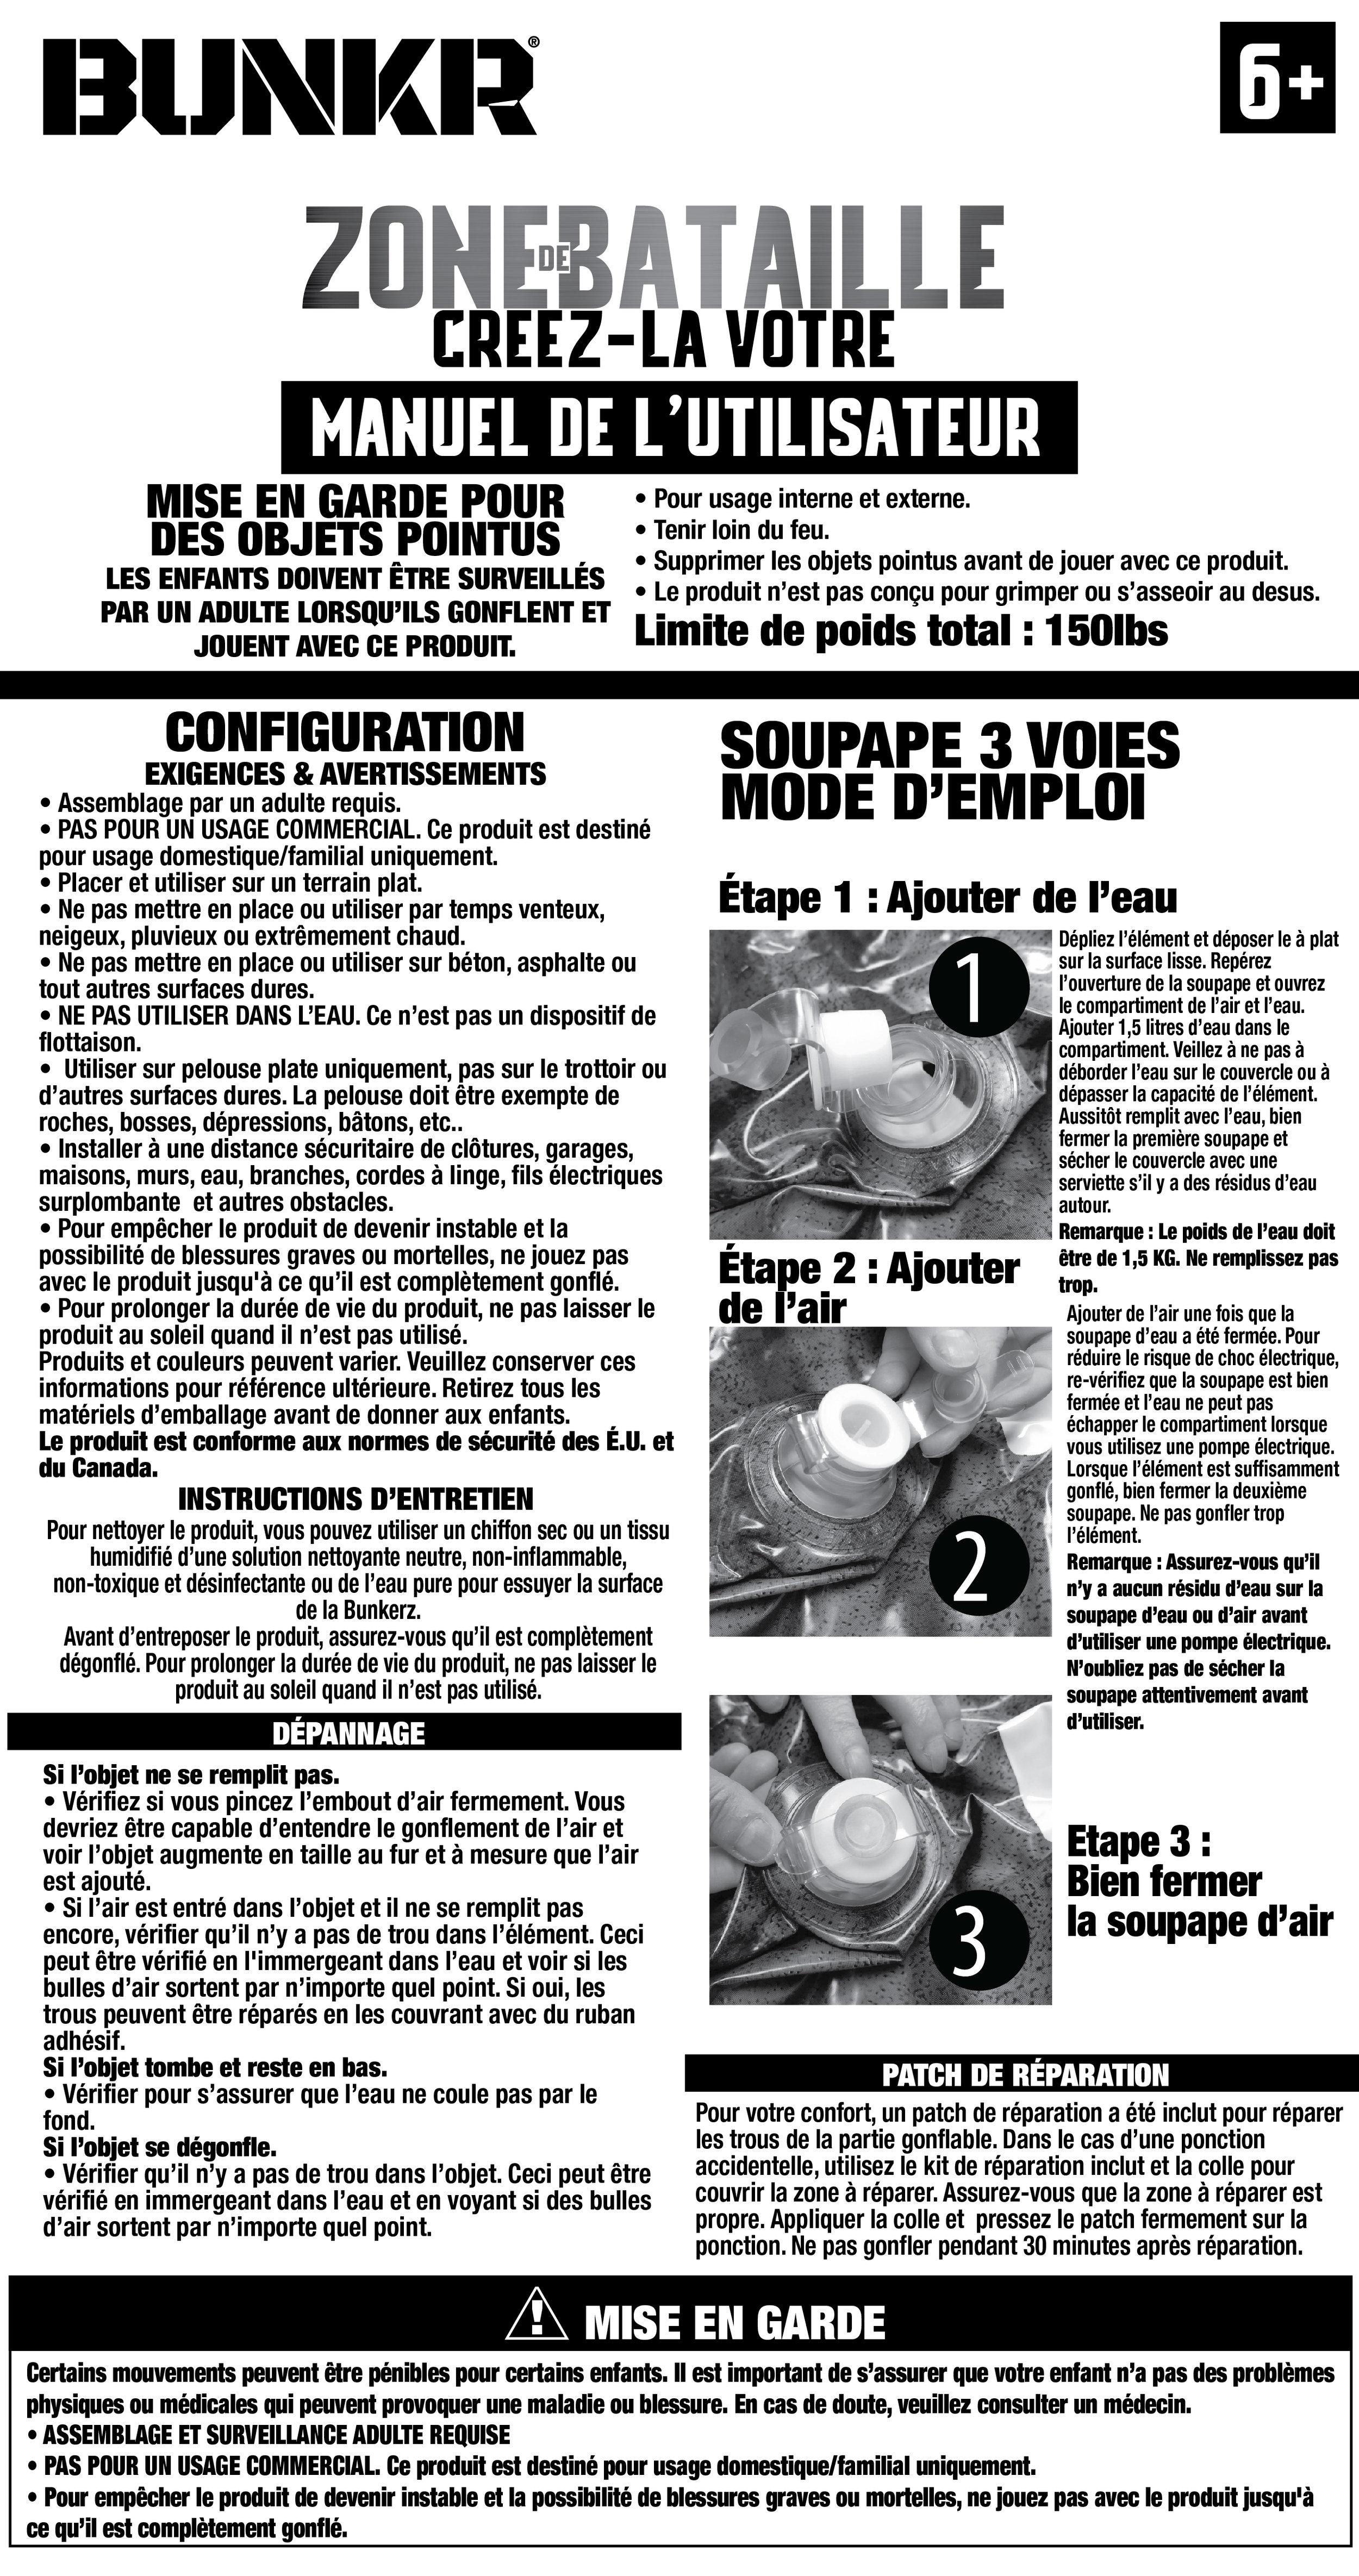 BUNKR_manual1pk biling-02.jpg